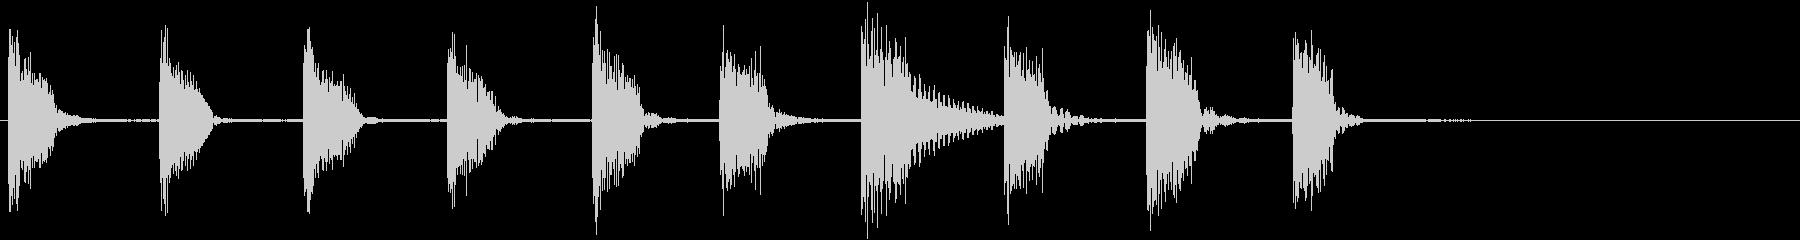 エレキギター:笑いアクセント、漫画...の未再生の波形